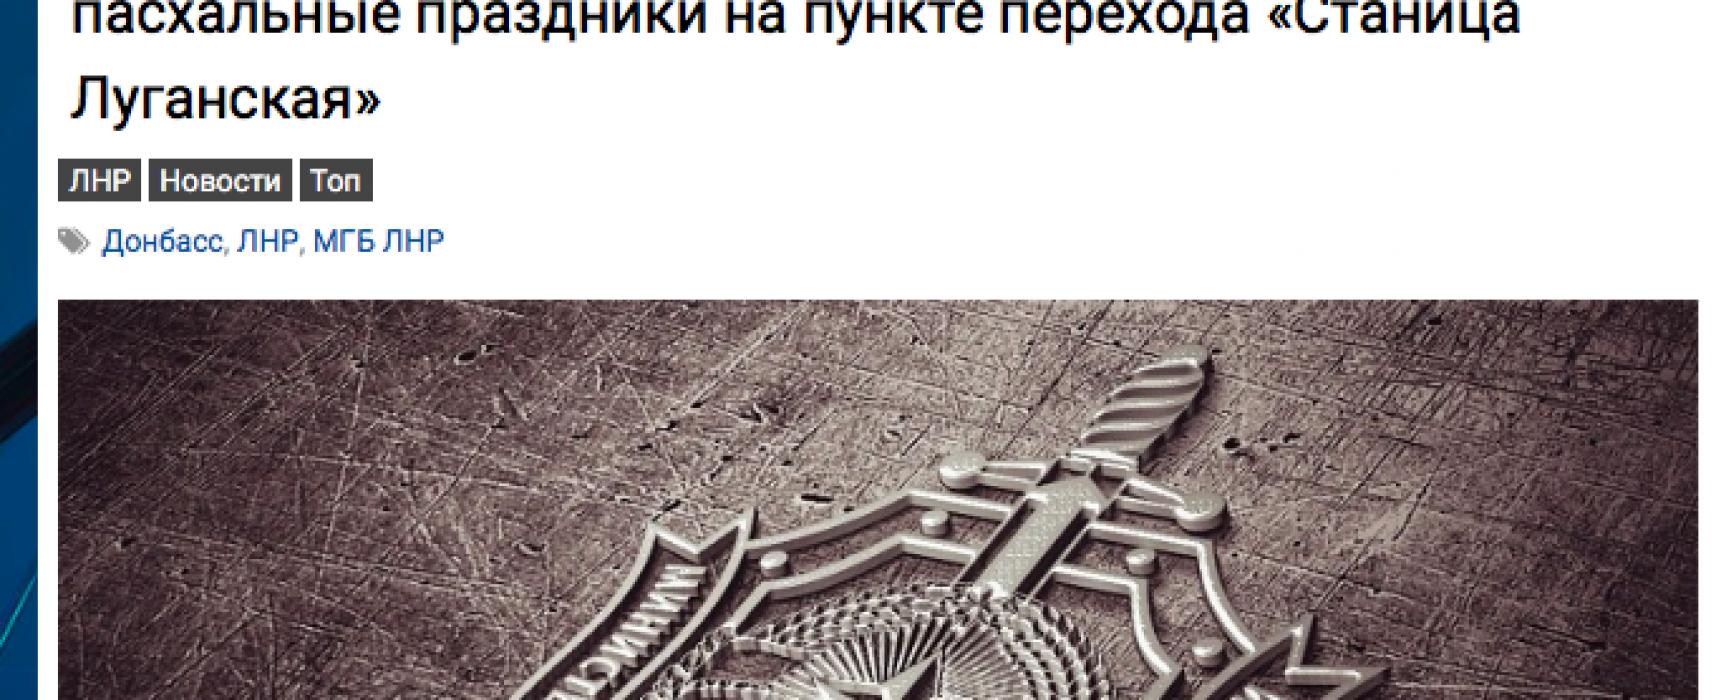 Фейк: Україна готує провокації на Великодні вихідні на контрольному пункті «Станиця Луганська»